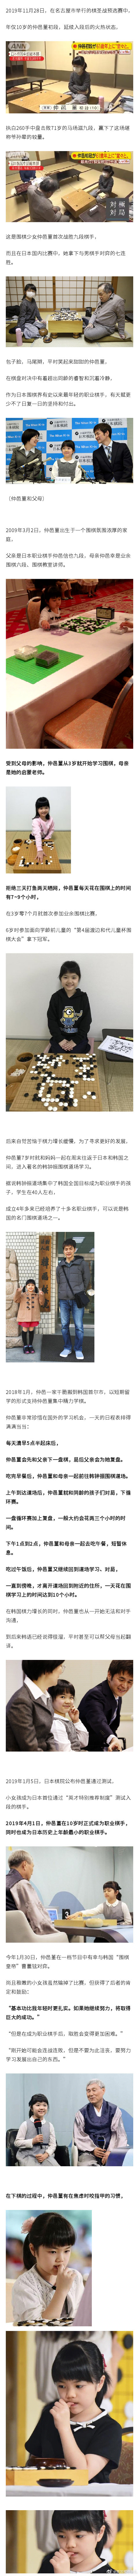 天才啊,日本10岁最年轻职业棋手战胜71岁职业九段 涨姿势 第1张